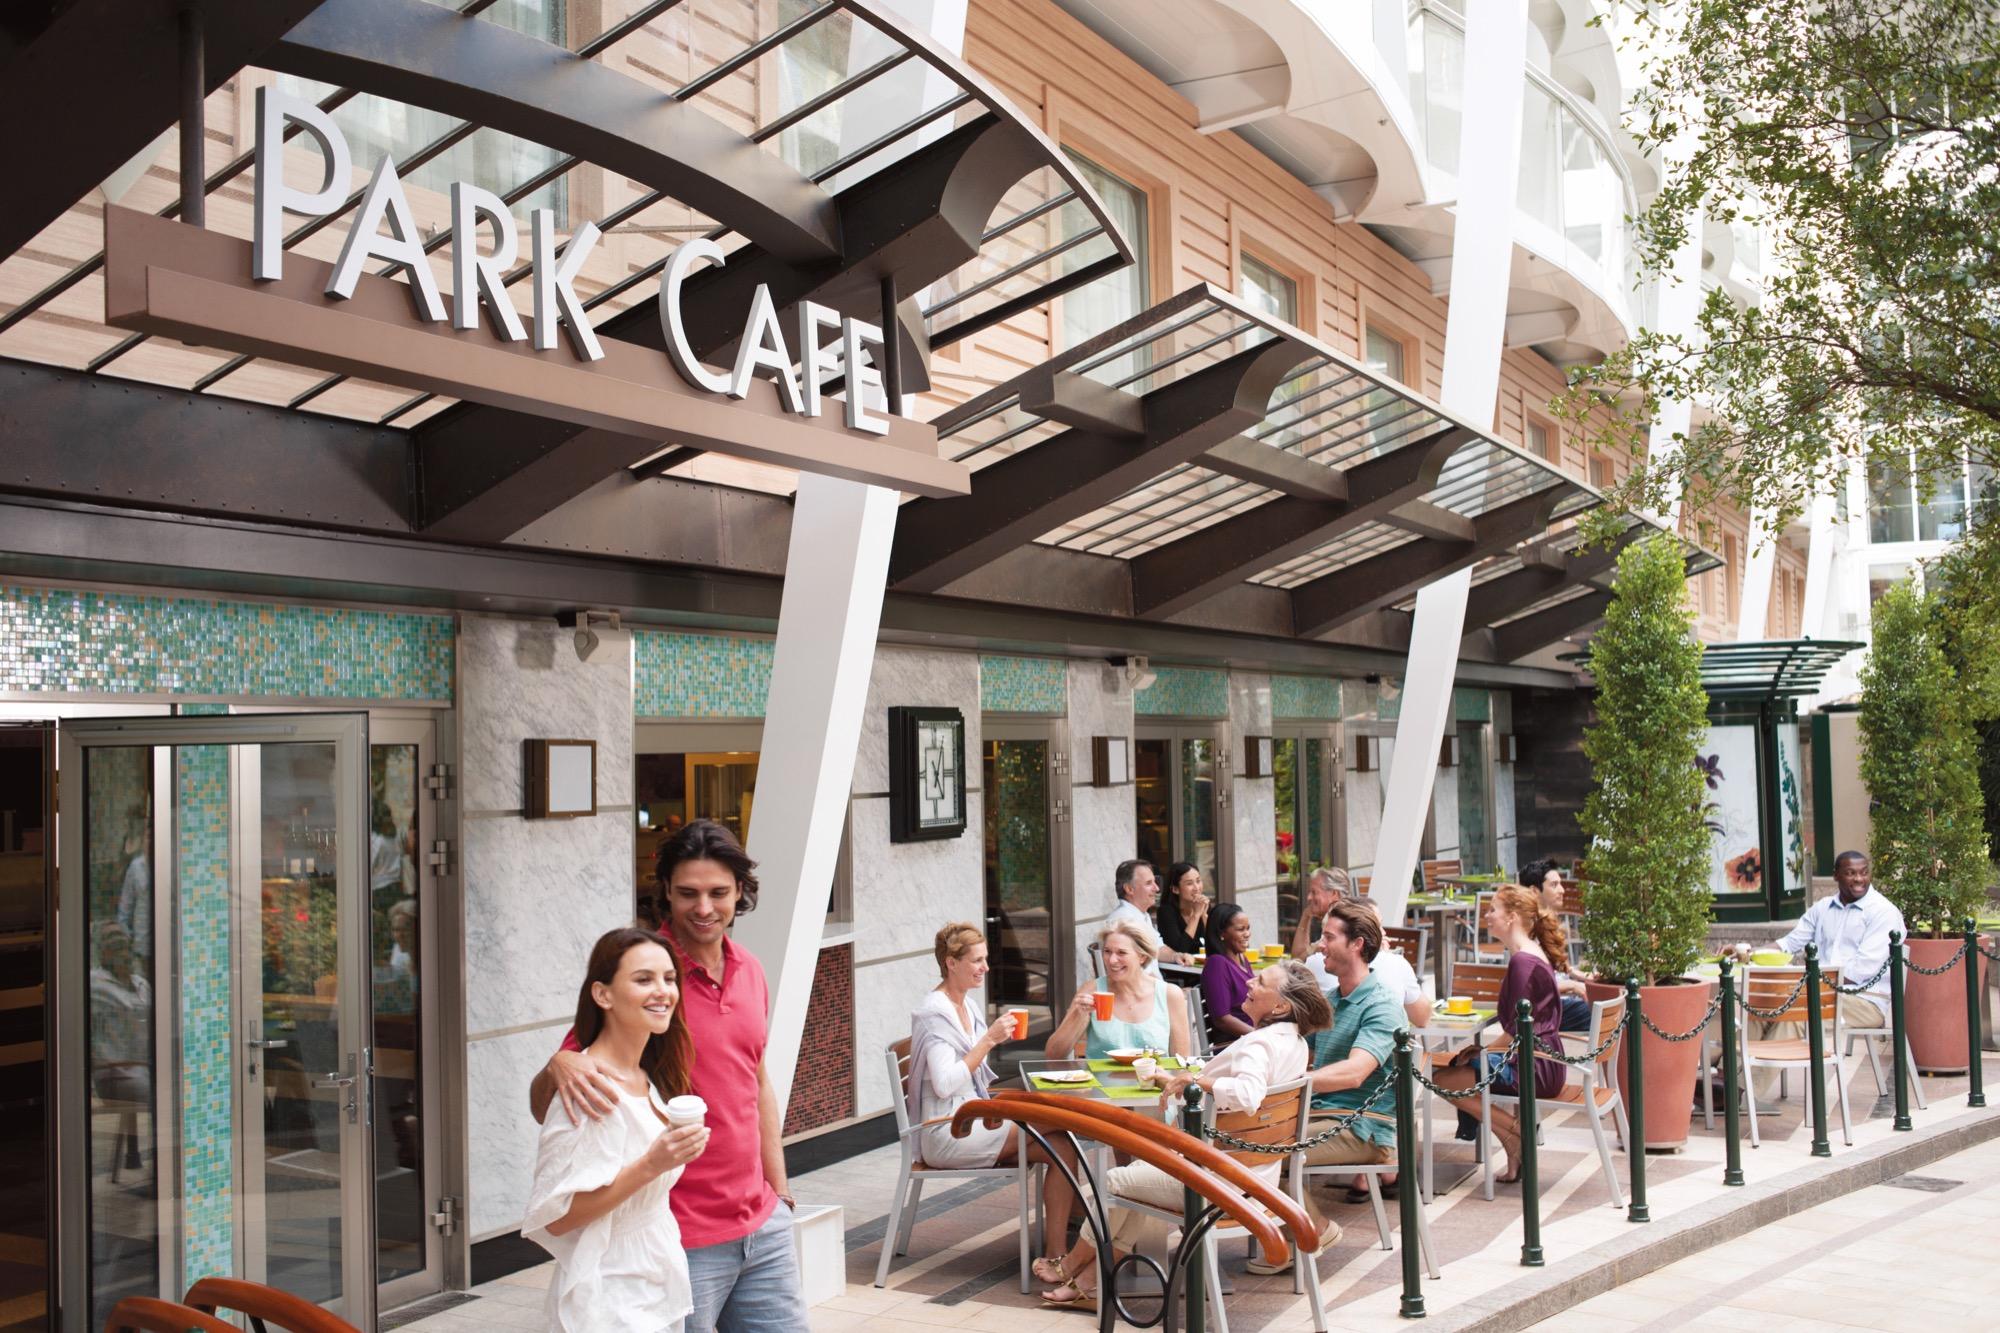 RCI Park cafe 1.jpg